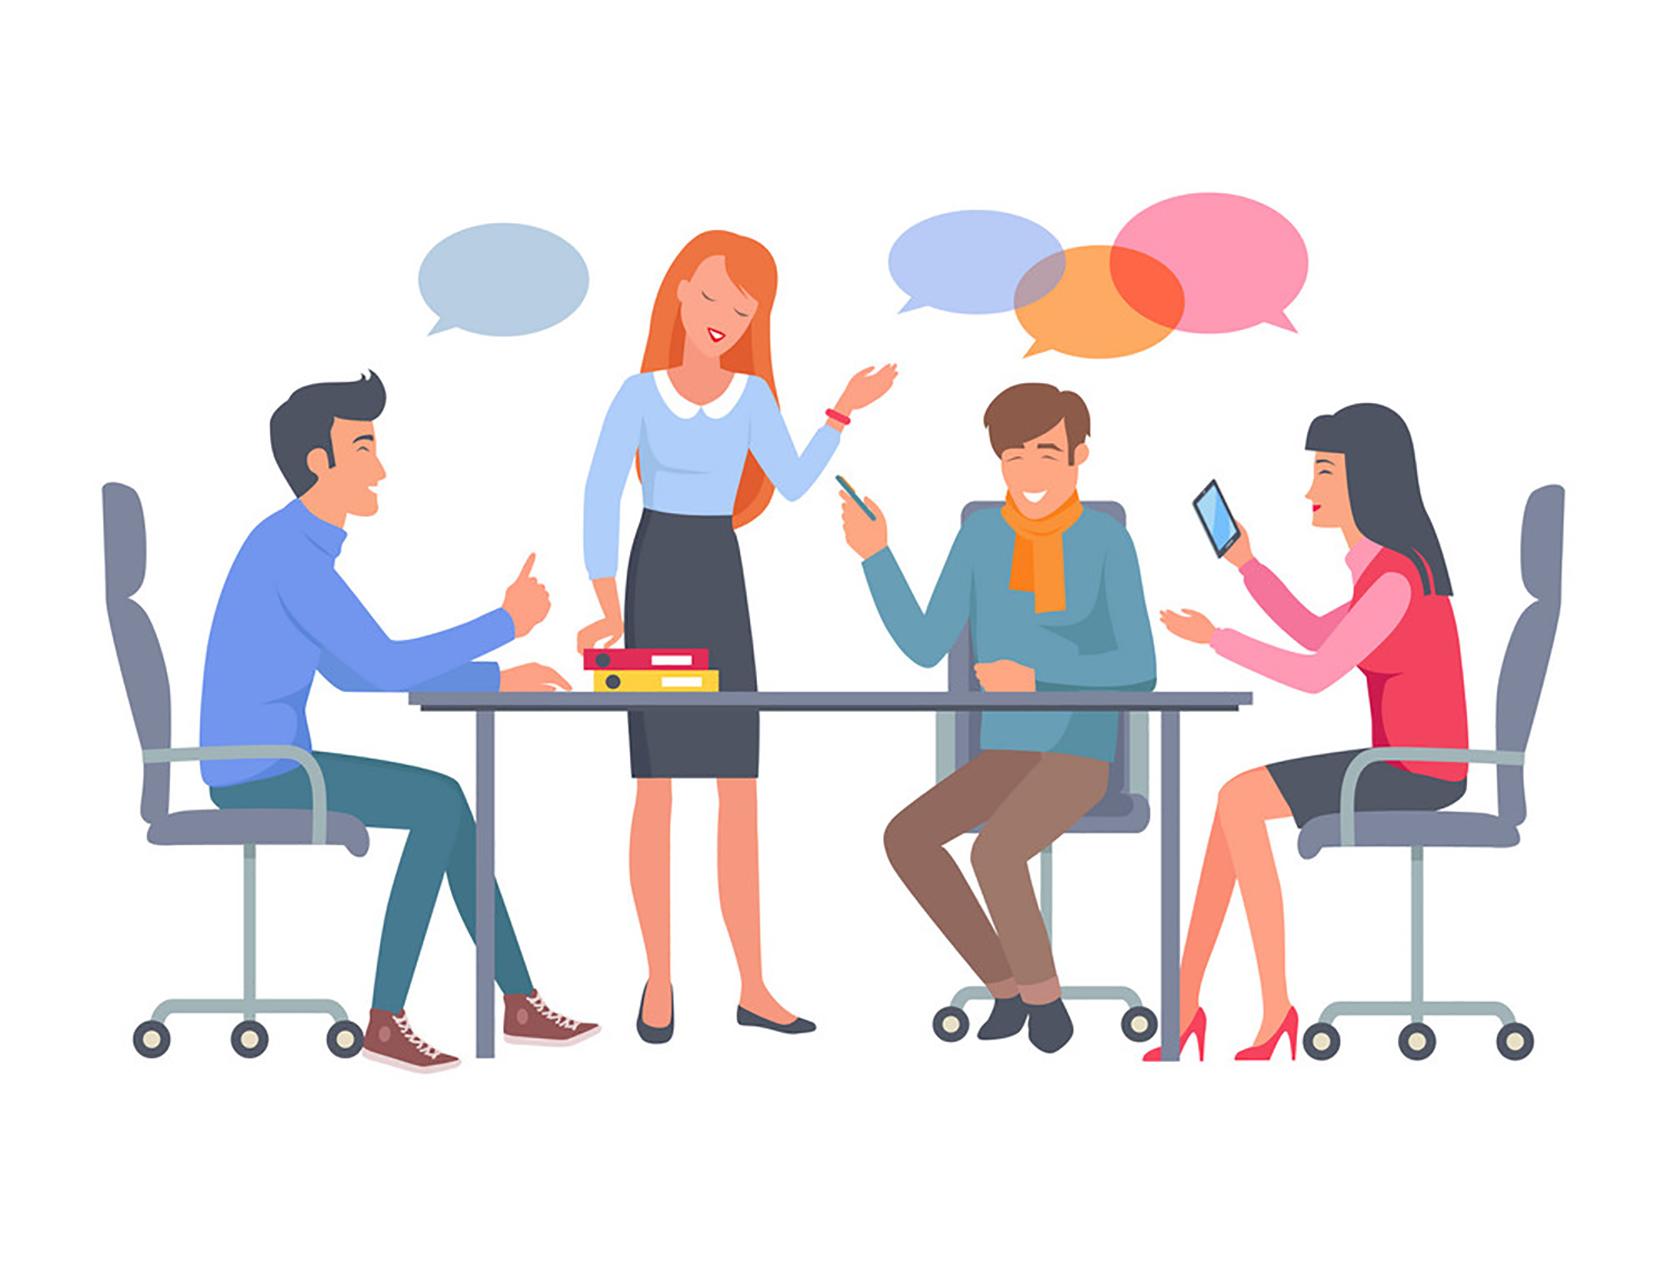 در کار گروهی، با اعضا معاشرت کنید.